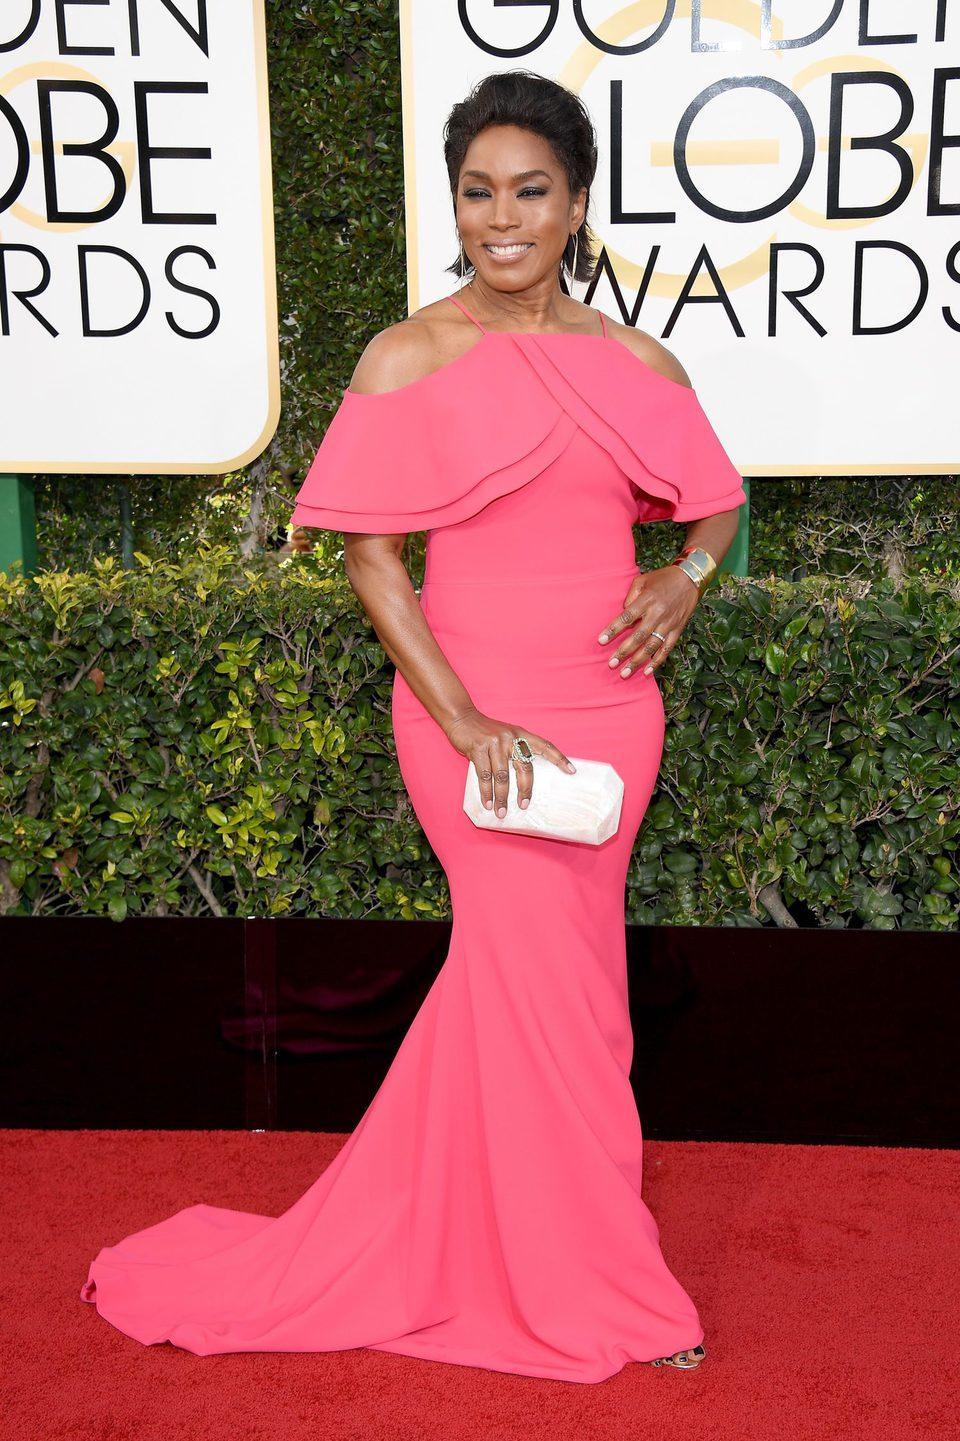 Angela Bassett at Golden Globes 2017 red carpet